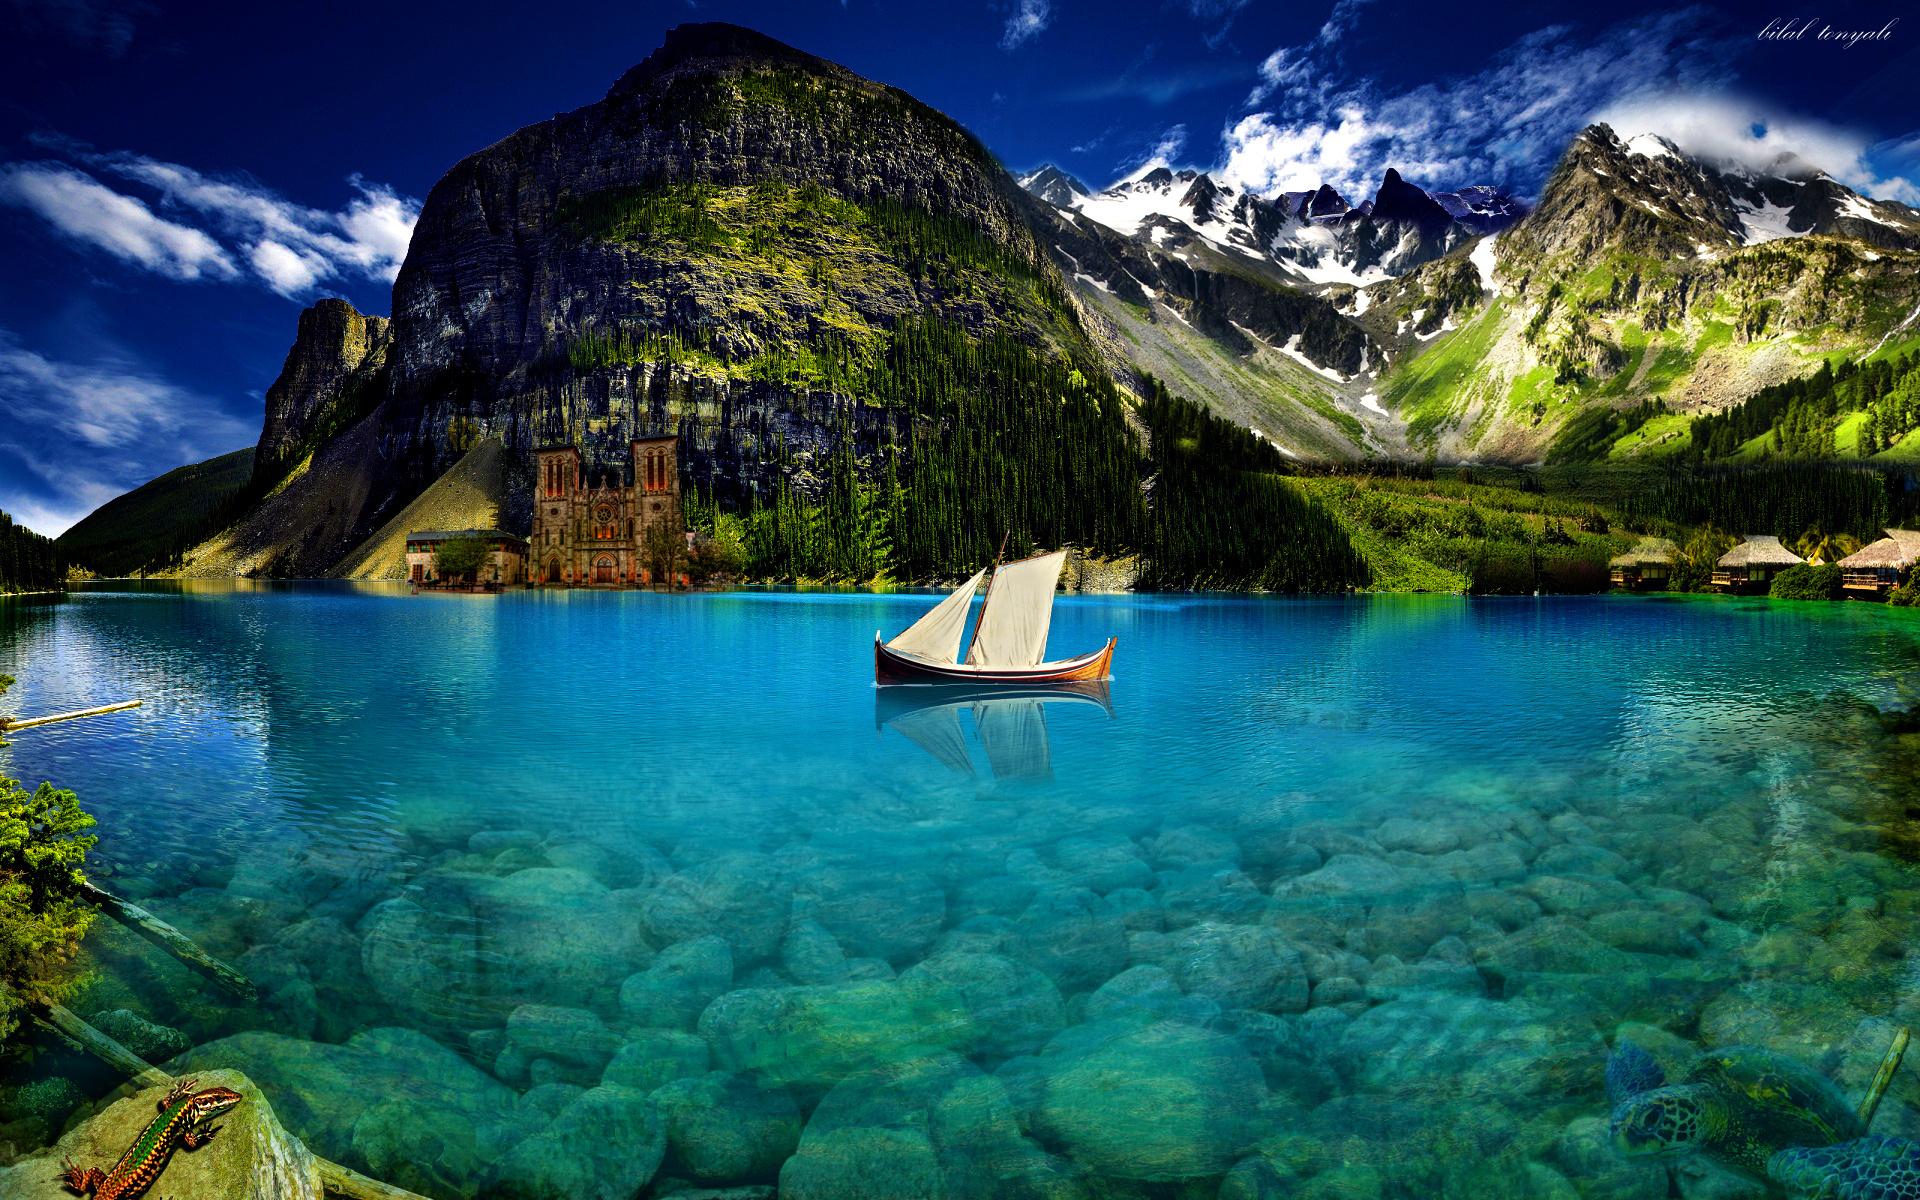 замки, озеро, лодка без смс